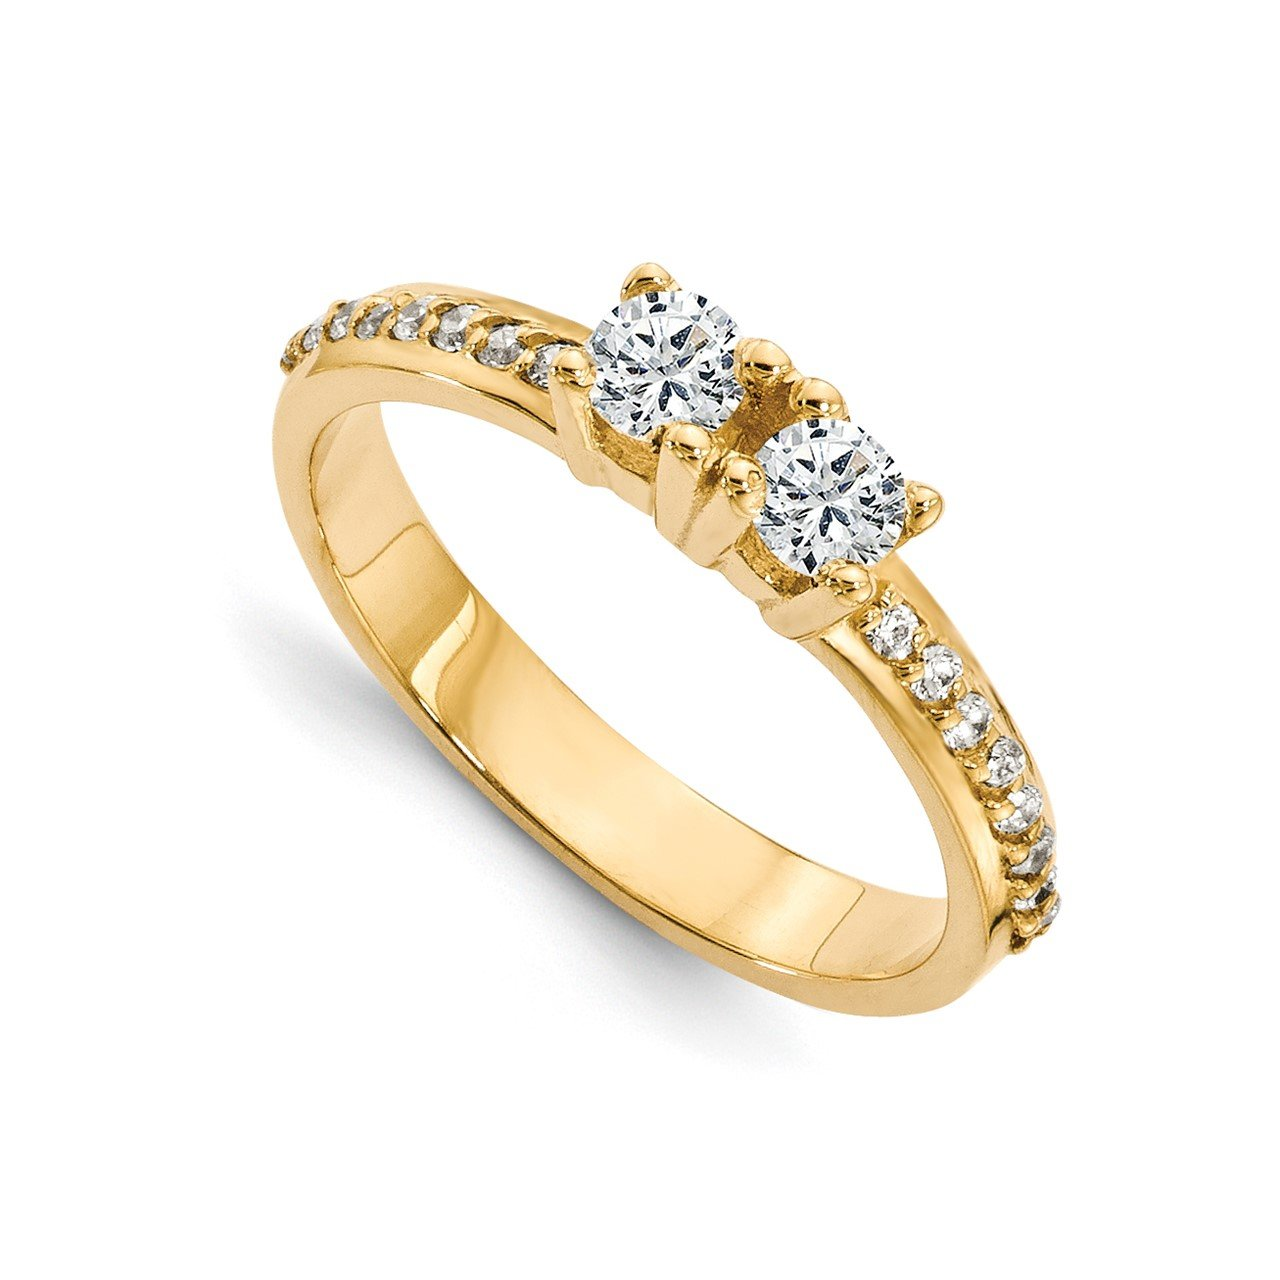 14ky AAA Diamond 2-stone Ring Semi-Mount - 4.2 mm center stones